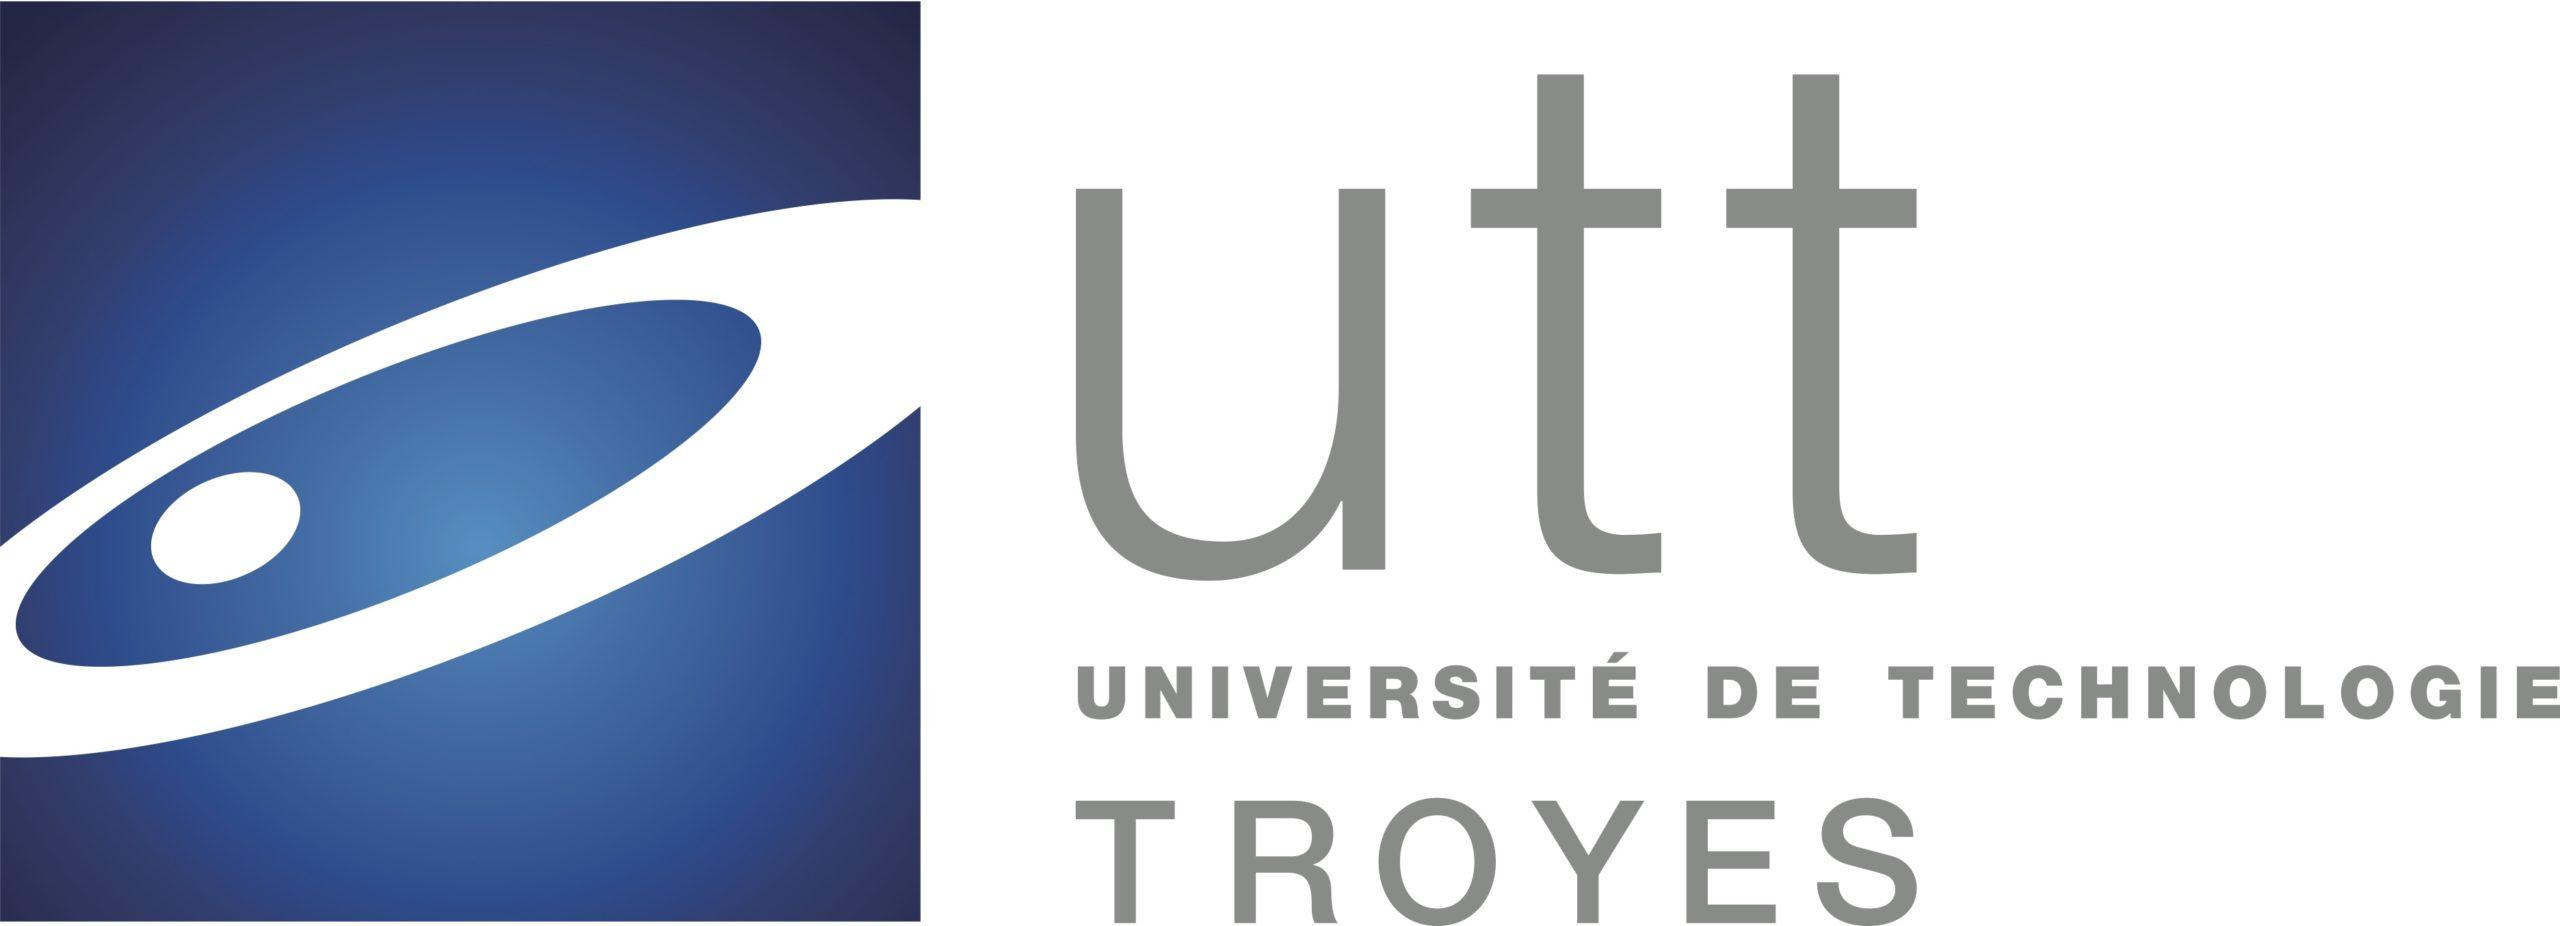 Université de technologie de Troyes logo